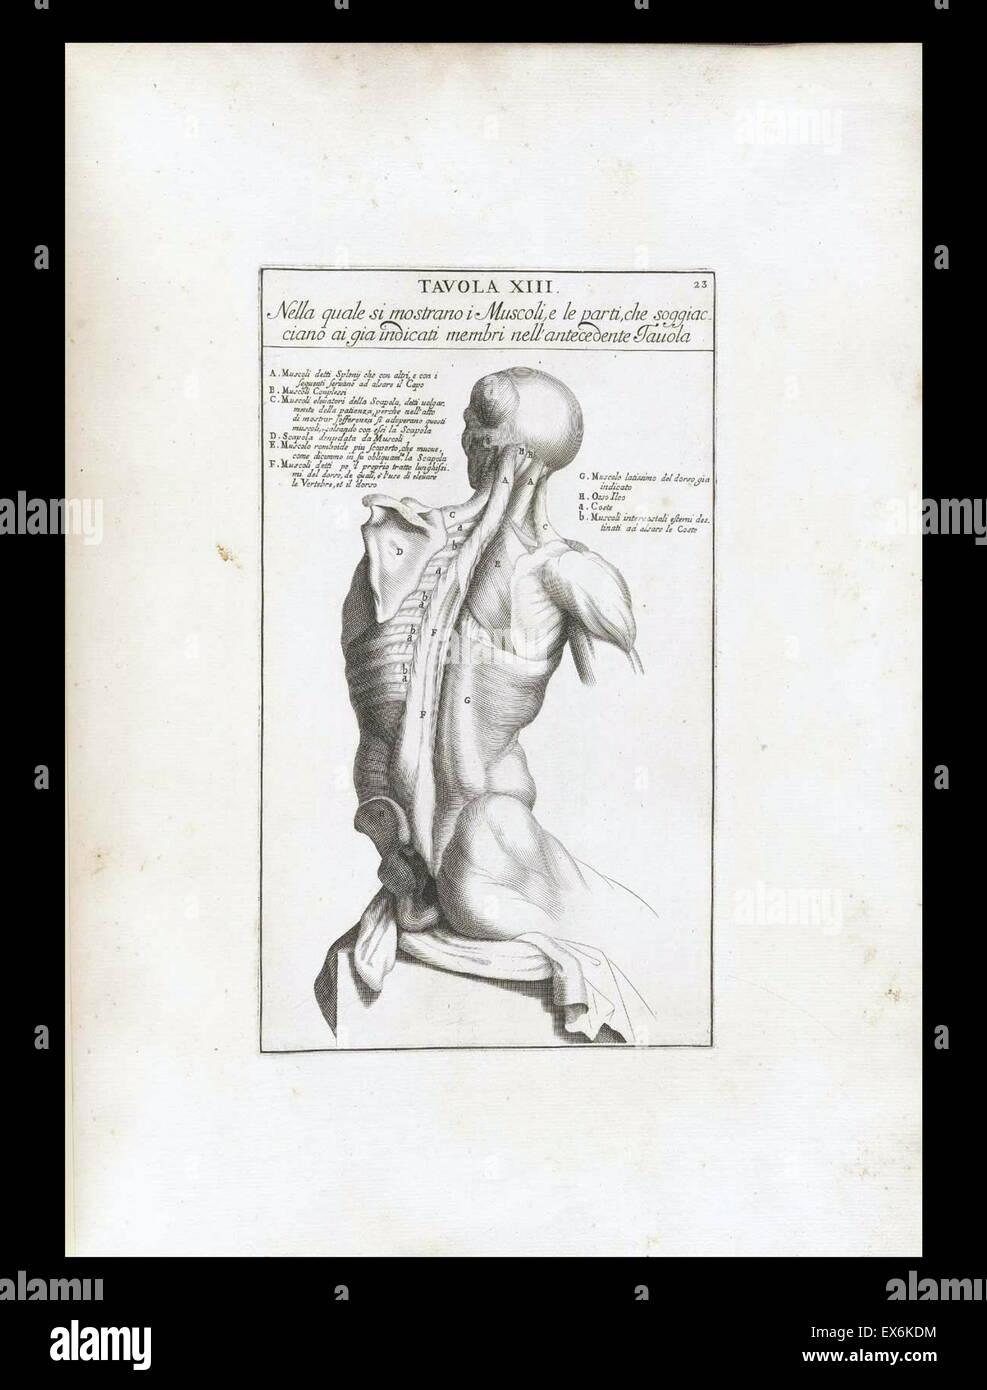 Großartig Anatomie Studie Werkzeuge Galerie - Anatomie Von ...